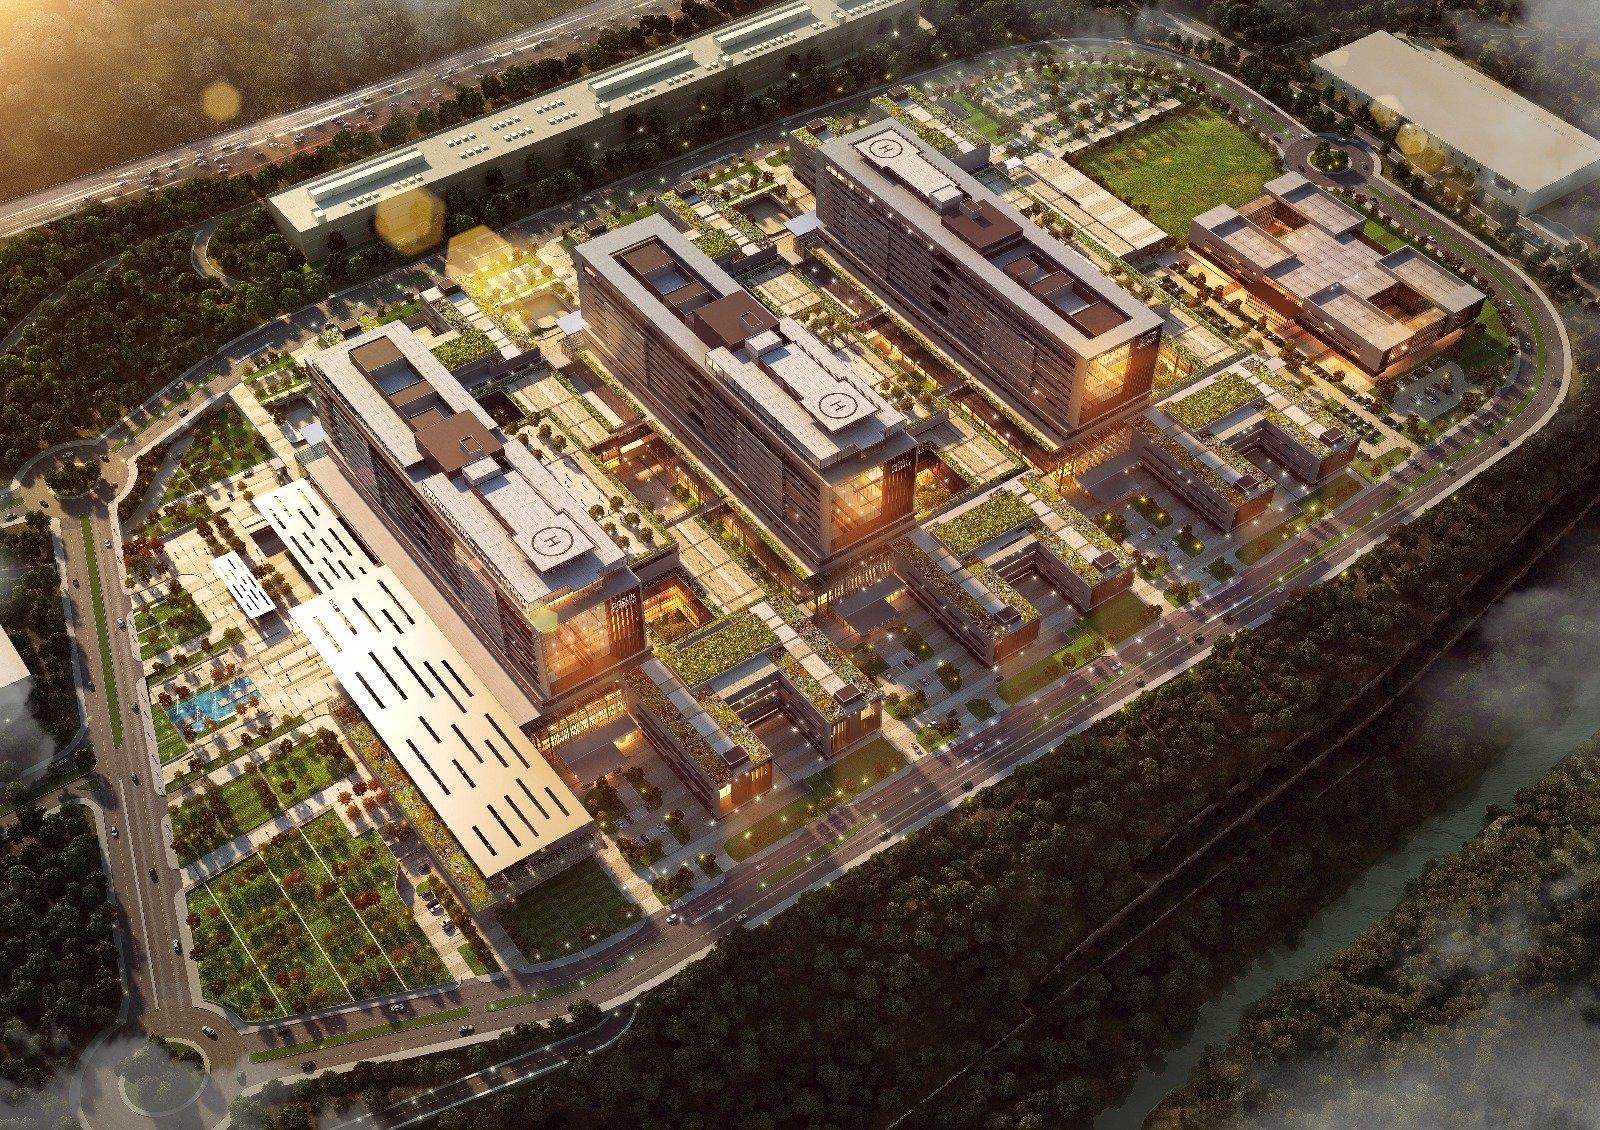 Türkiye'nin Çok Özel Şehir Hastanelerinde Tercih Hep Aironn Oldu